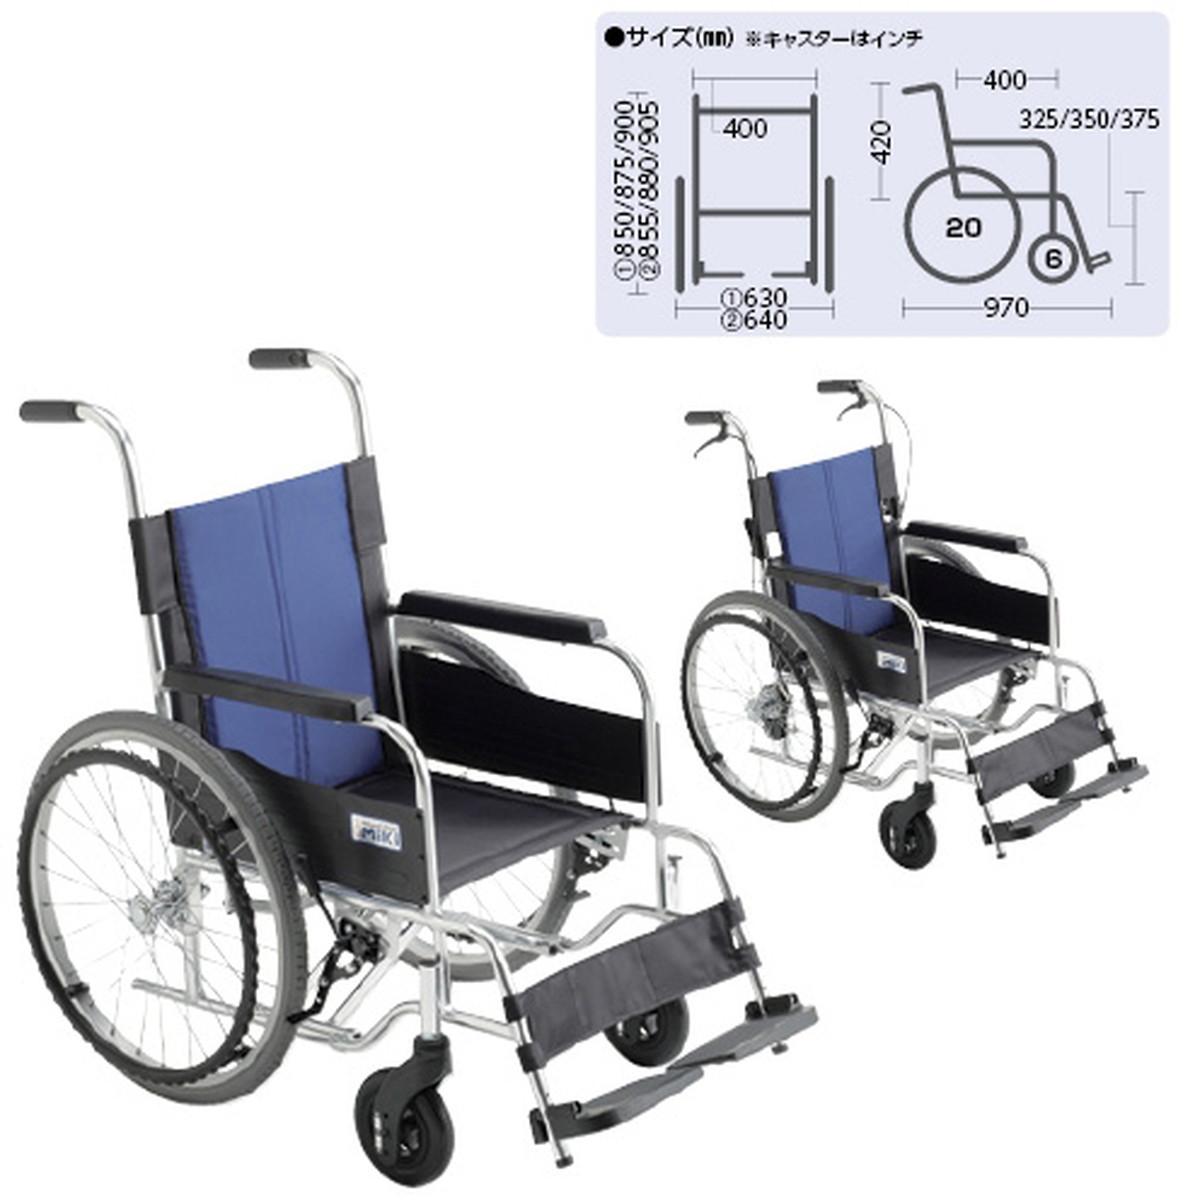 【送料無料】-車いす(自走・アルミ)背折れ・低座面 BAL-1S(400MM) 品番 my24-2373-00-- 1入り-【MY医科器機】JAN 4536697113298